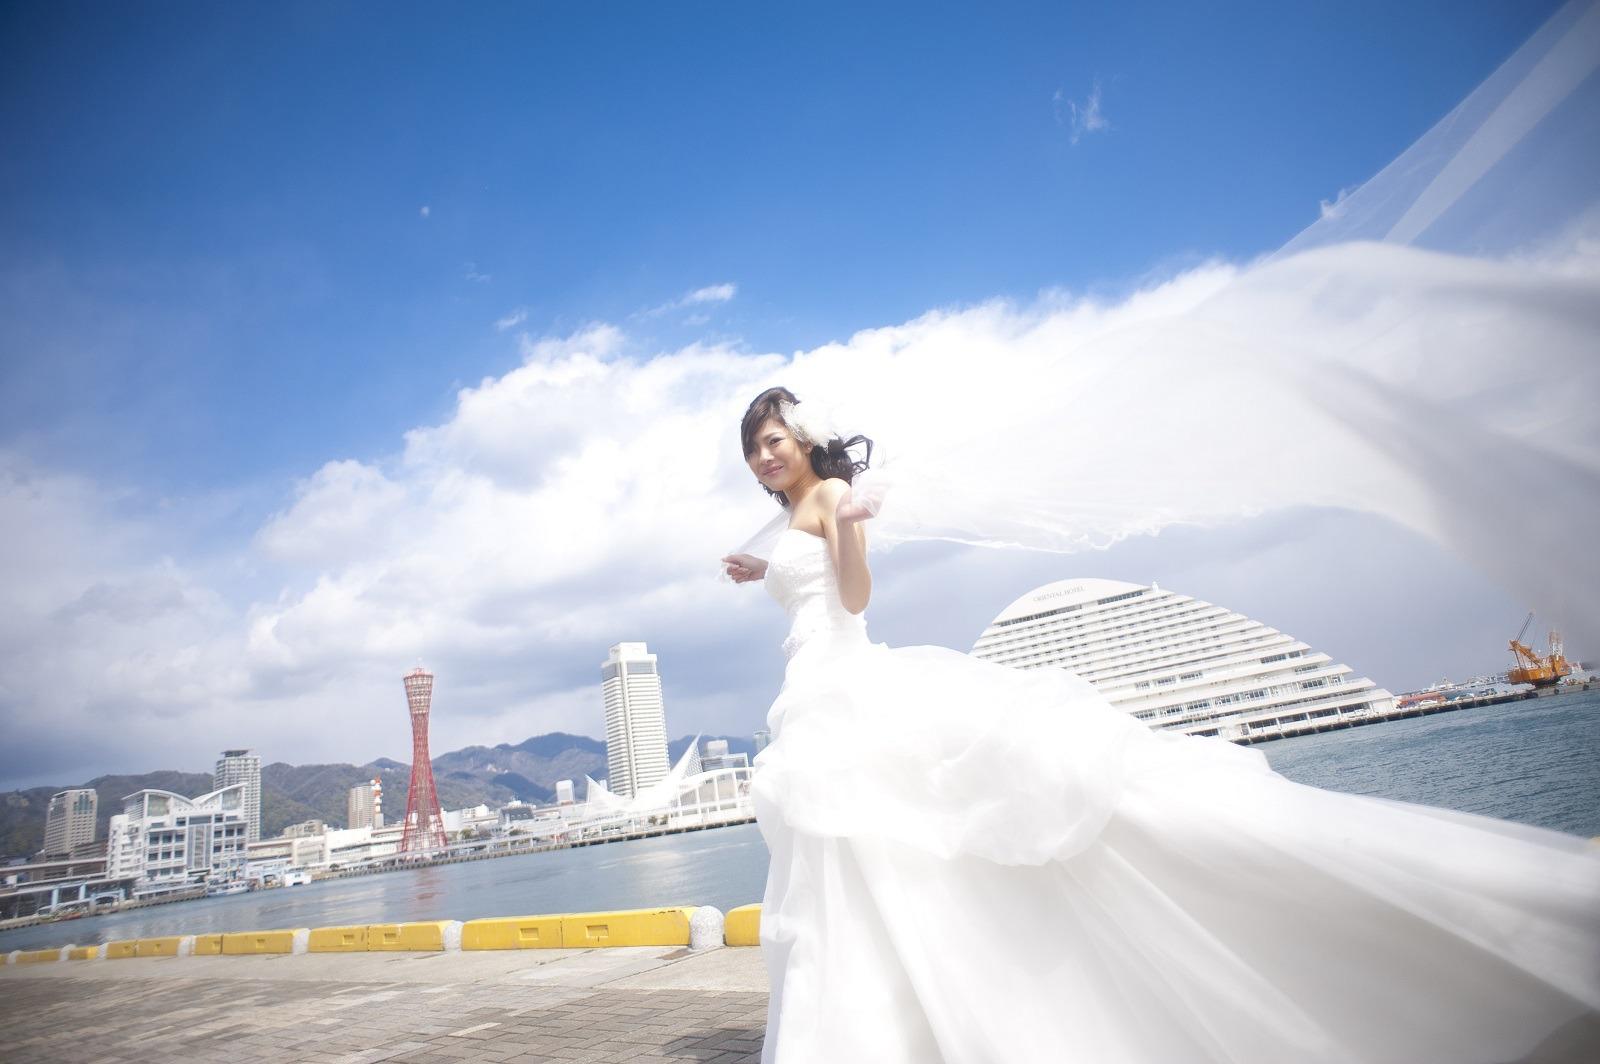 高松市の結婚式場紹介所ポートピア